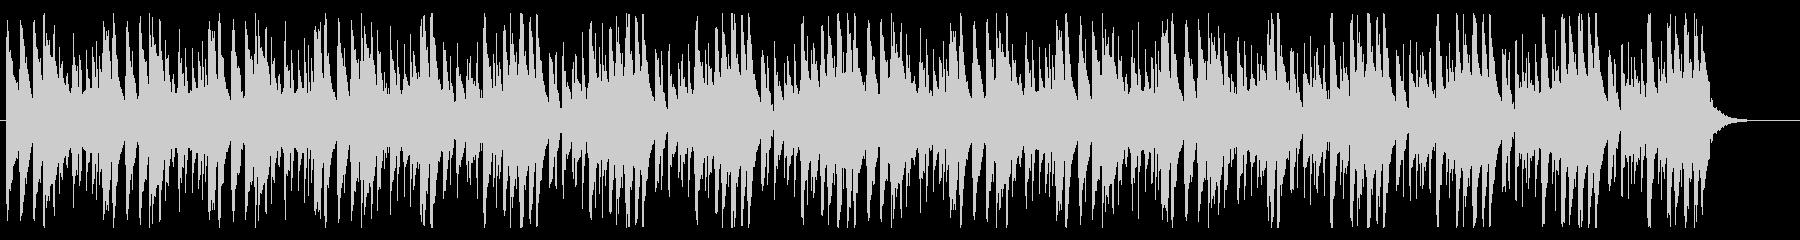 何かを狙っているときに流れるBGMの未再生の波形